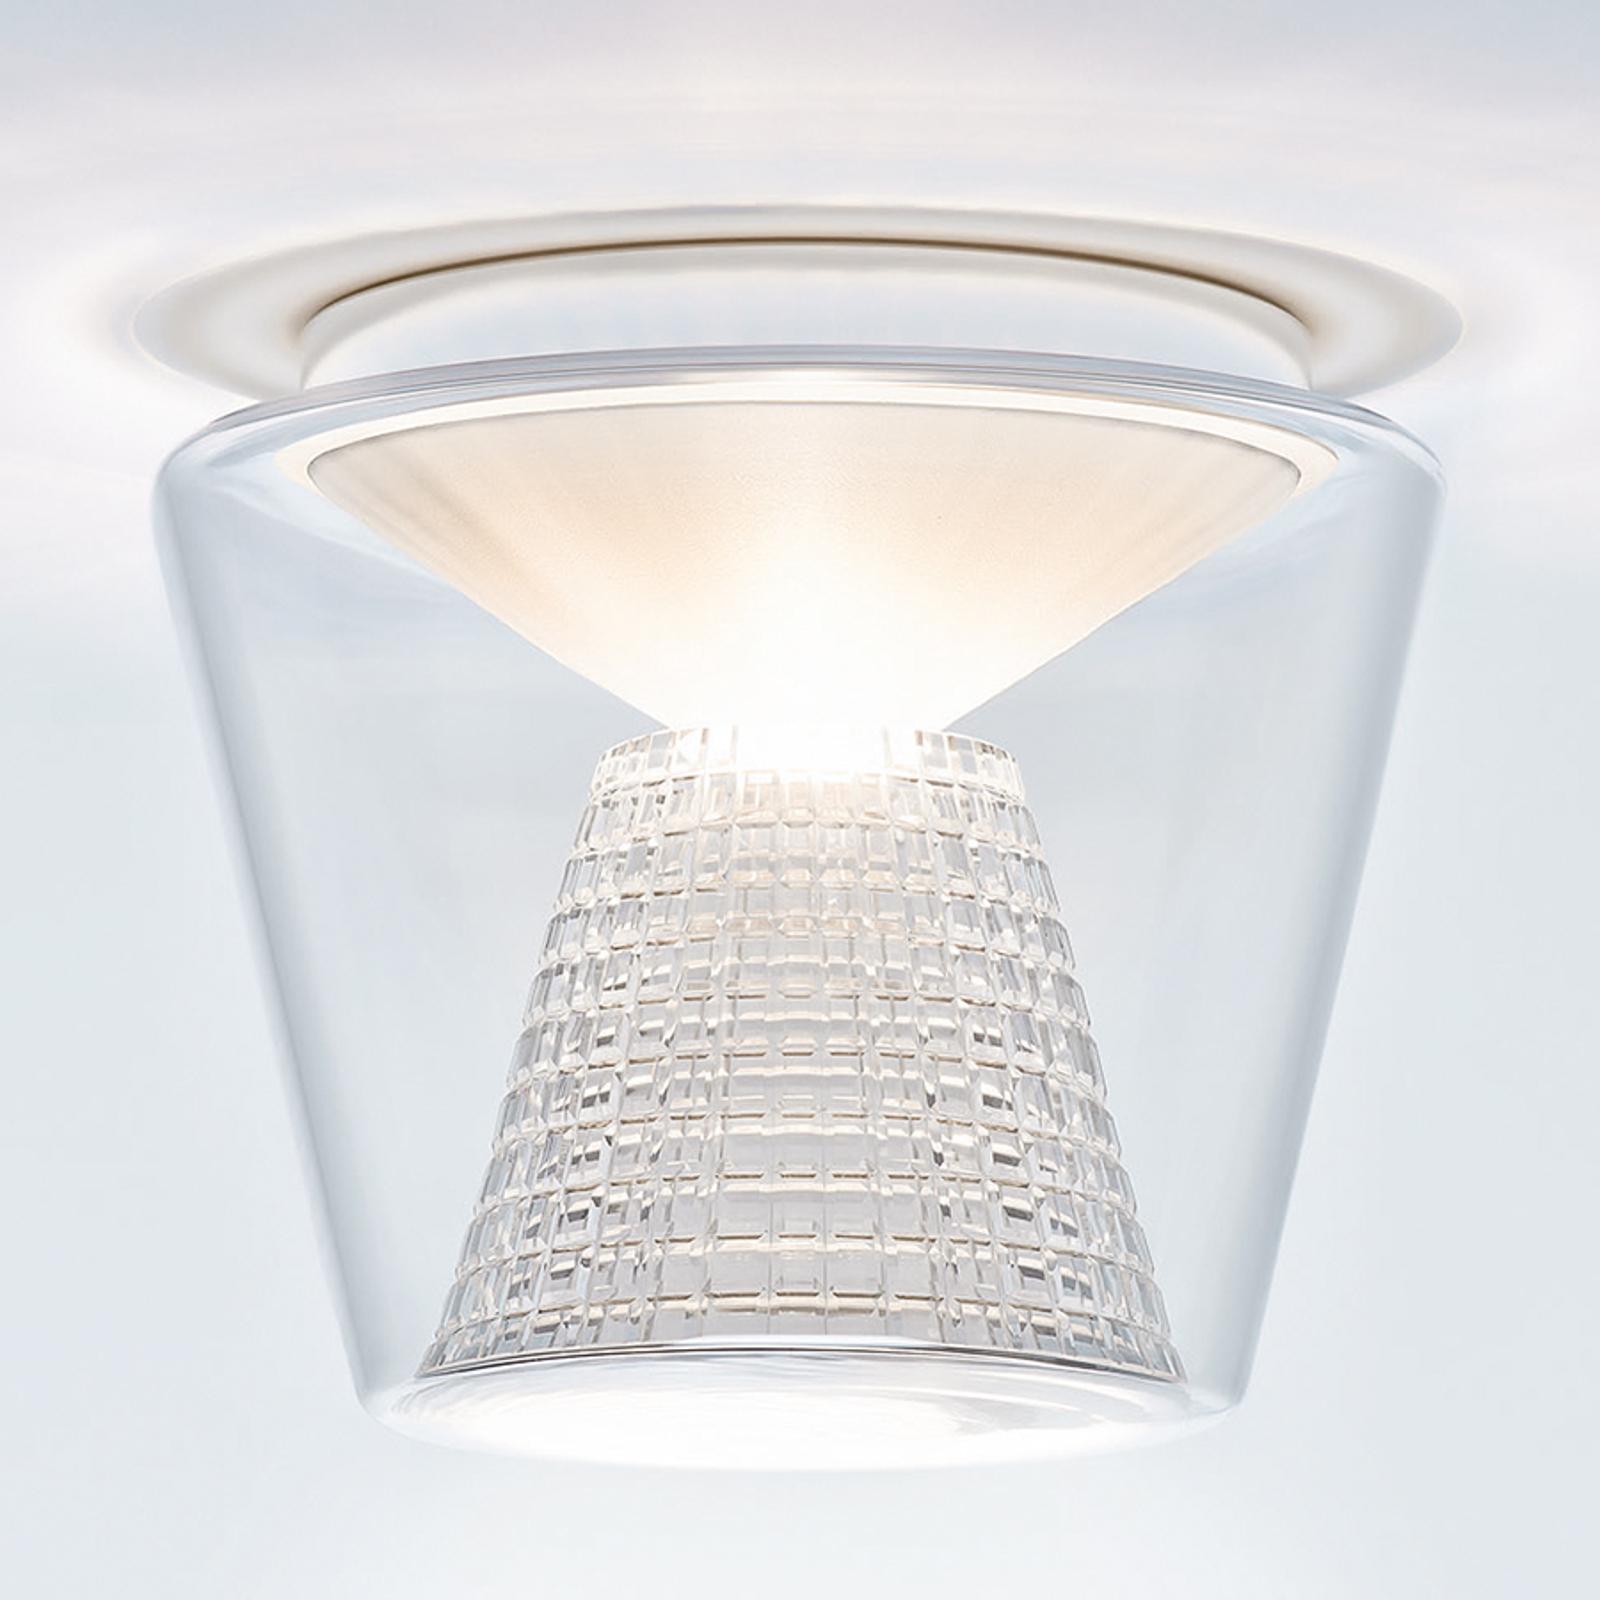 serien.lighting Annex L - LED-Glas-Deckenlampe